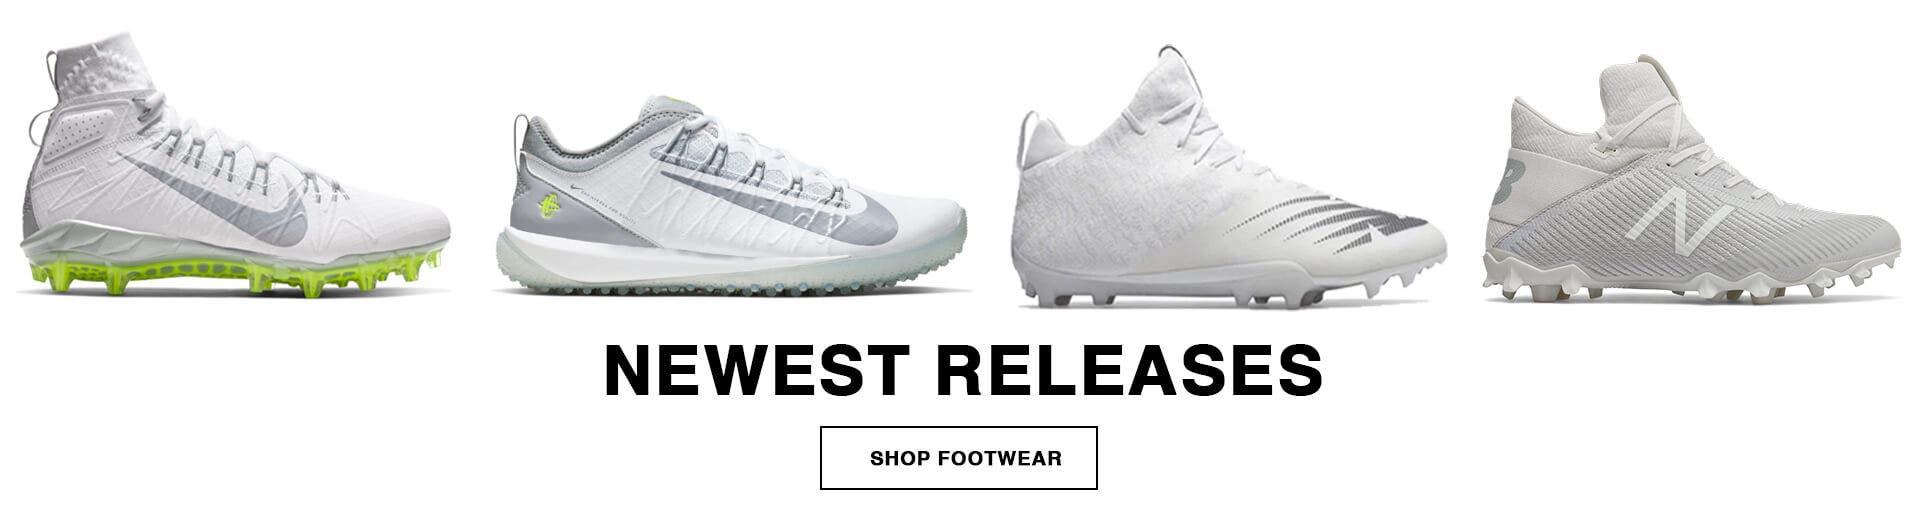 New Releases Lacrosse Footwear - DESKTOP